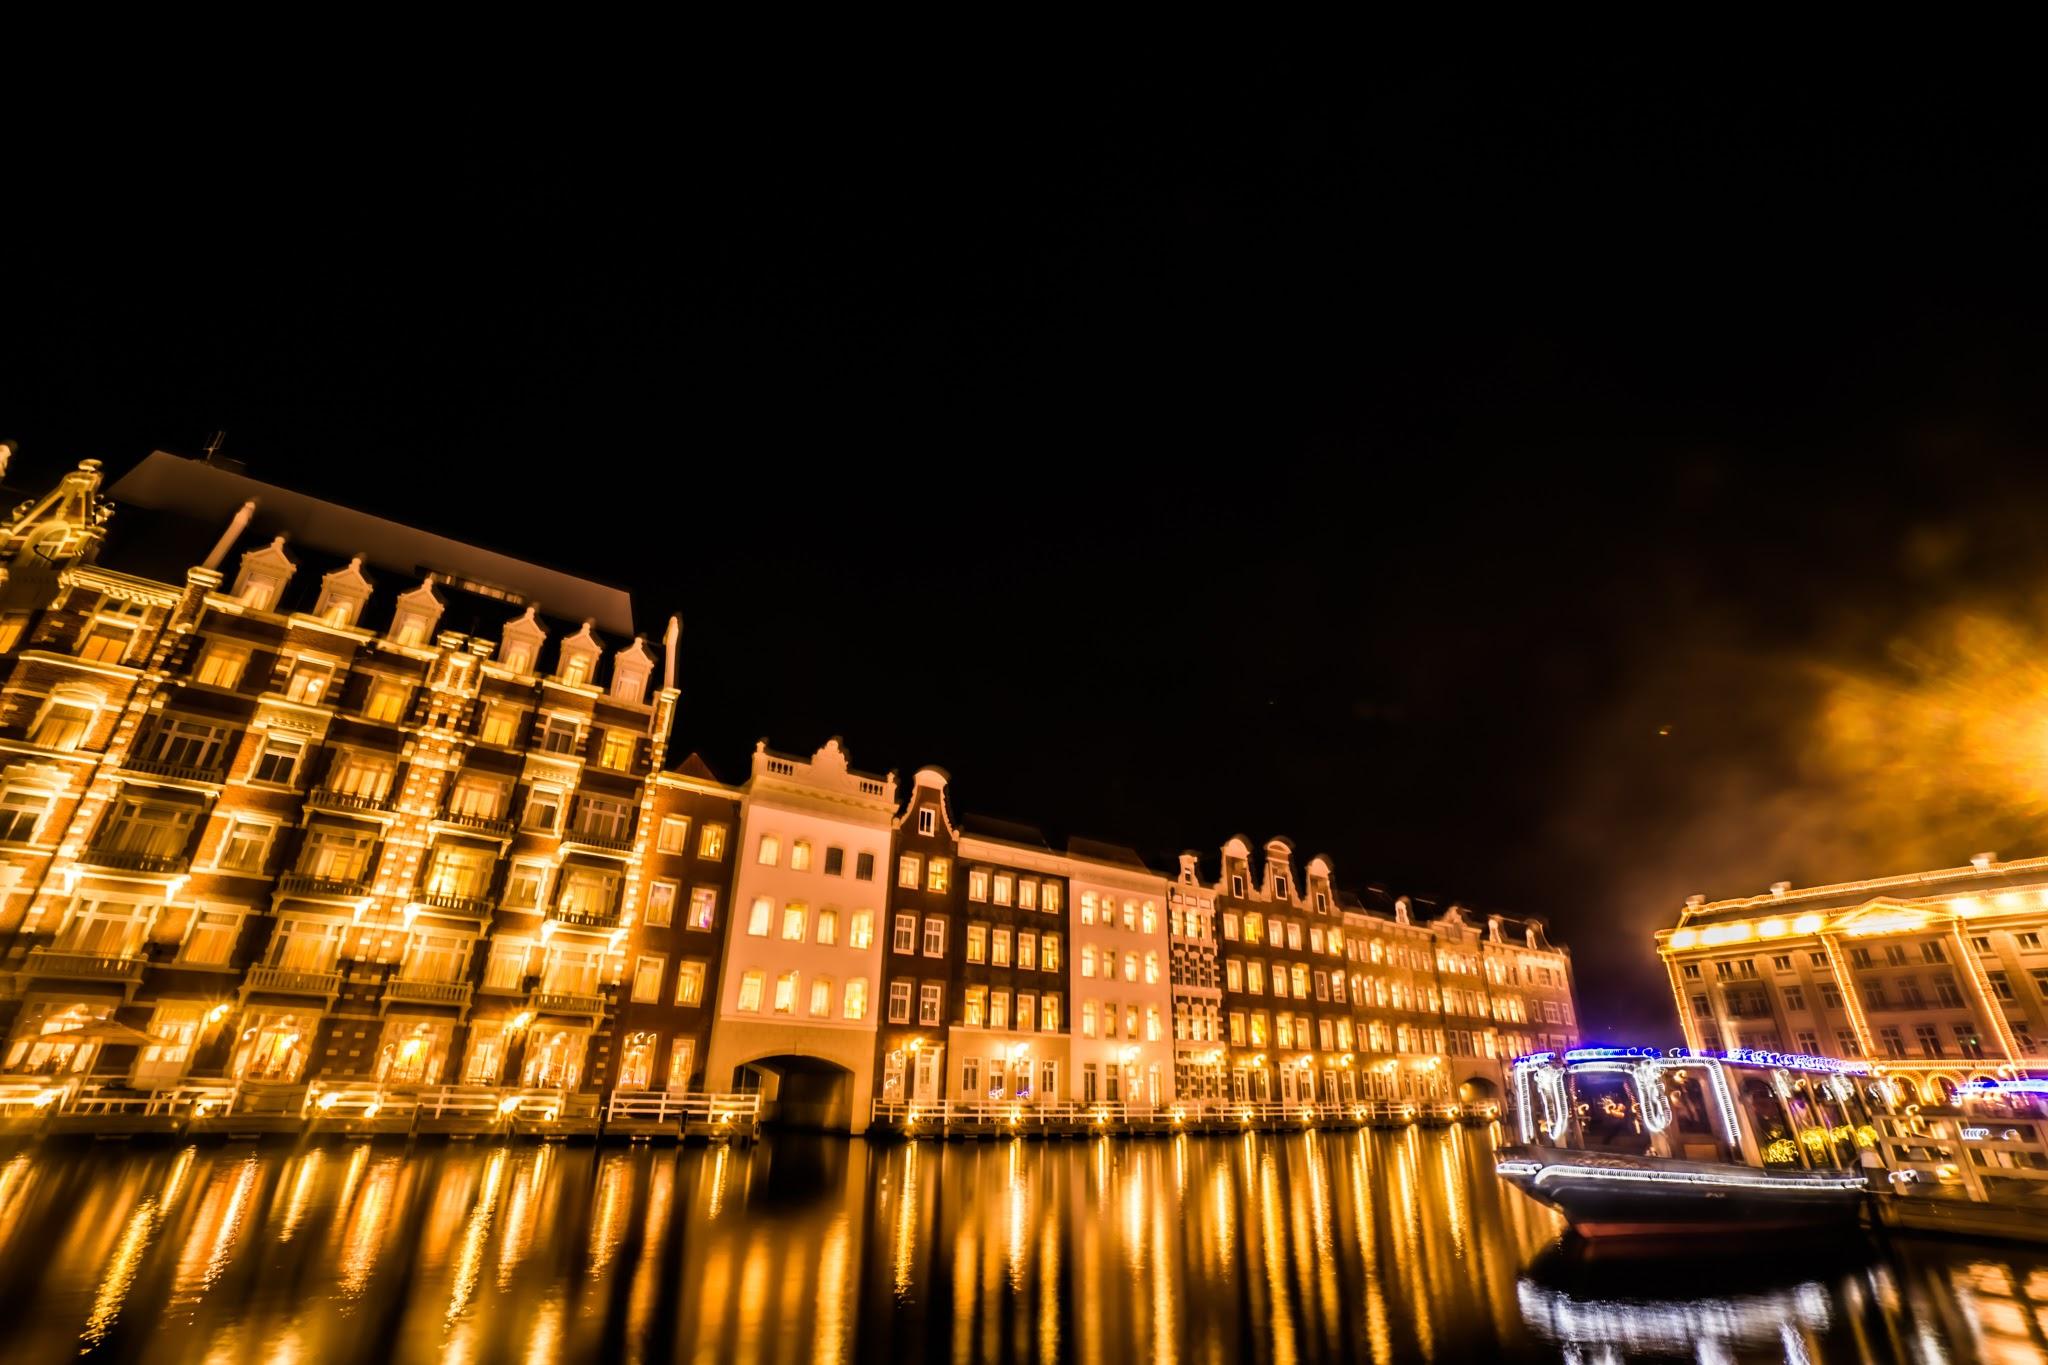 Huis Ten Bosch illumination Kingdom of light Hotel Europe2